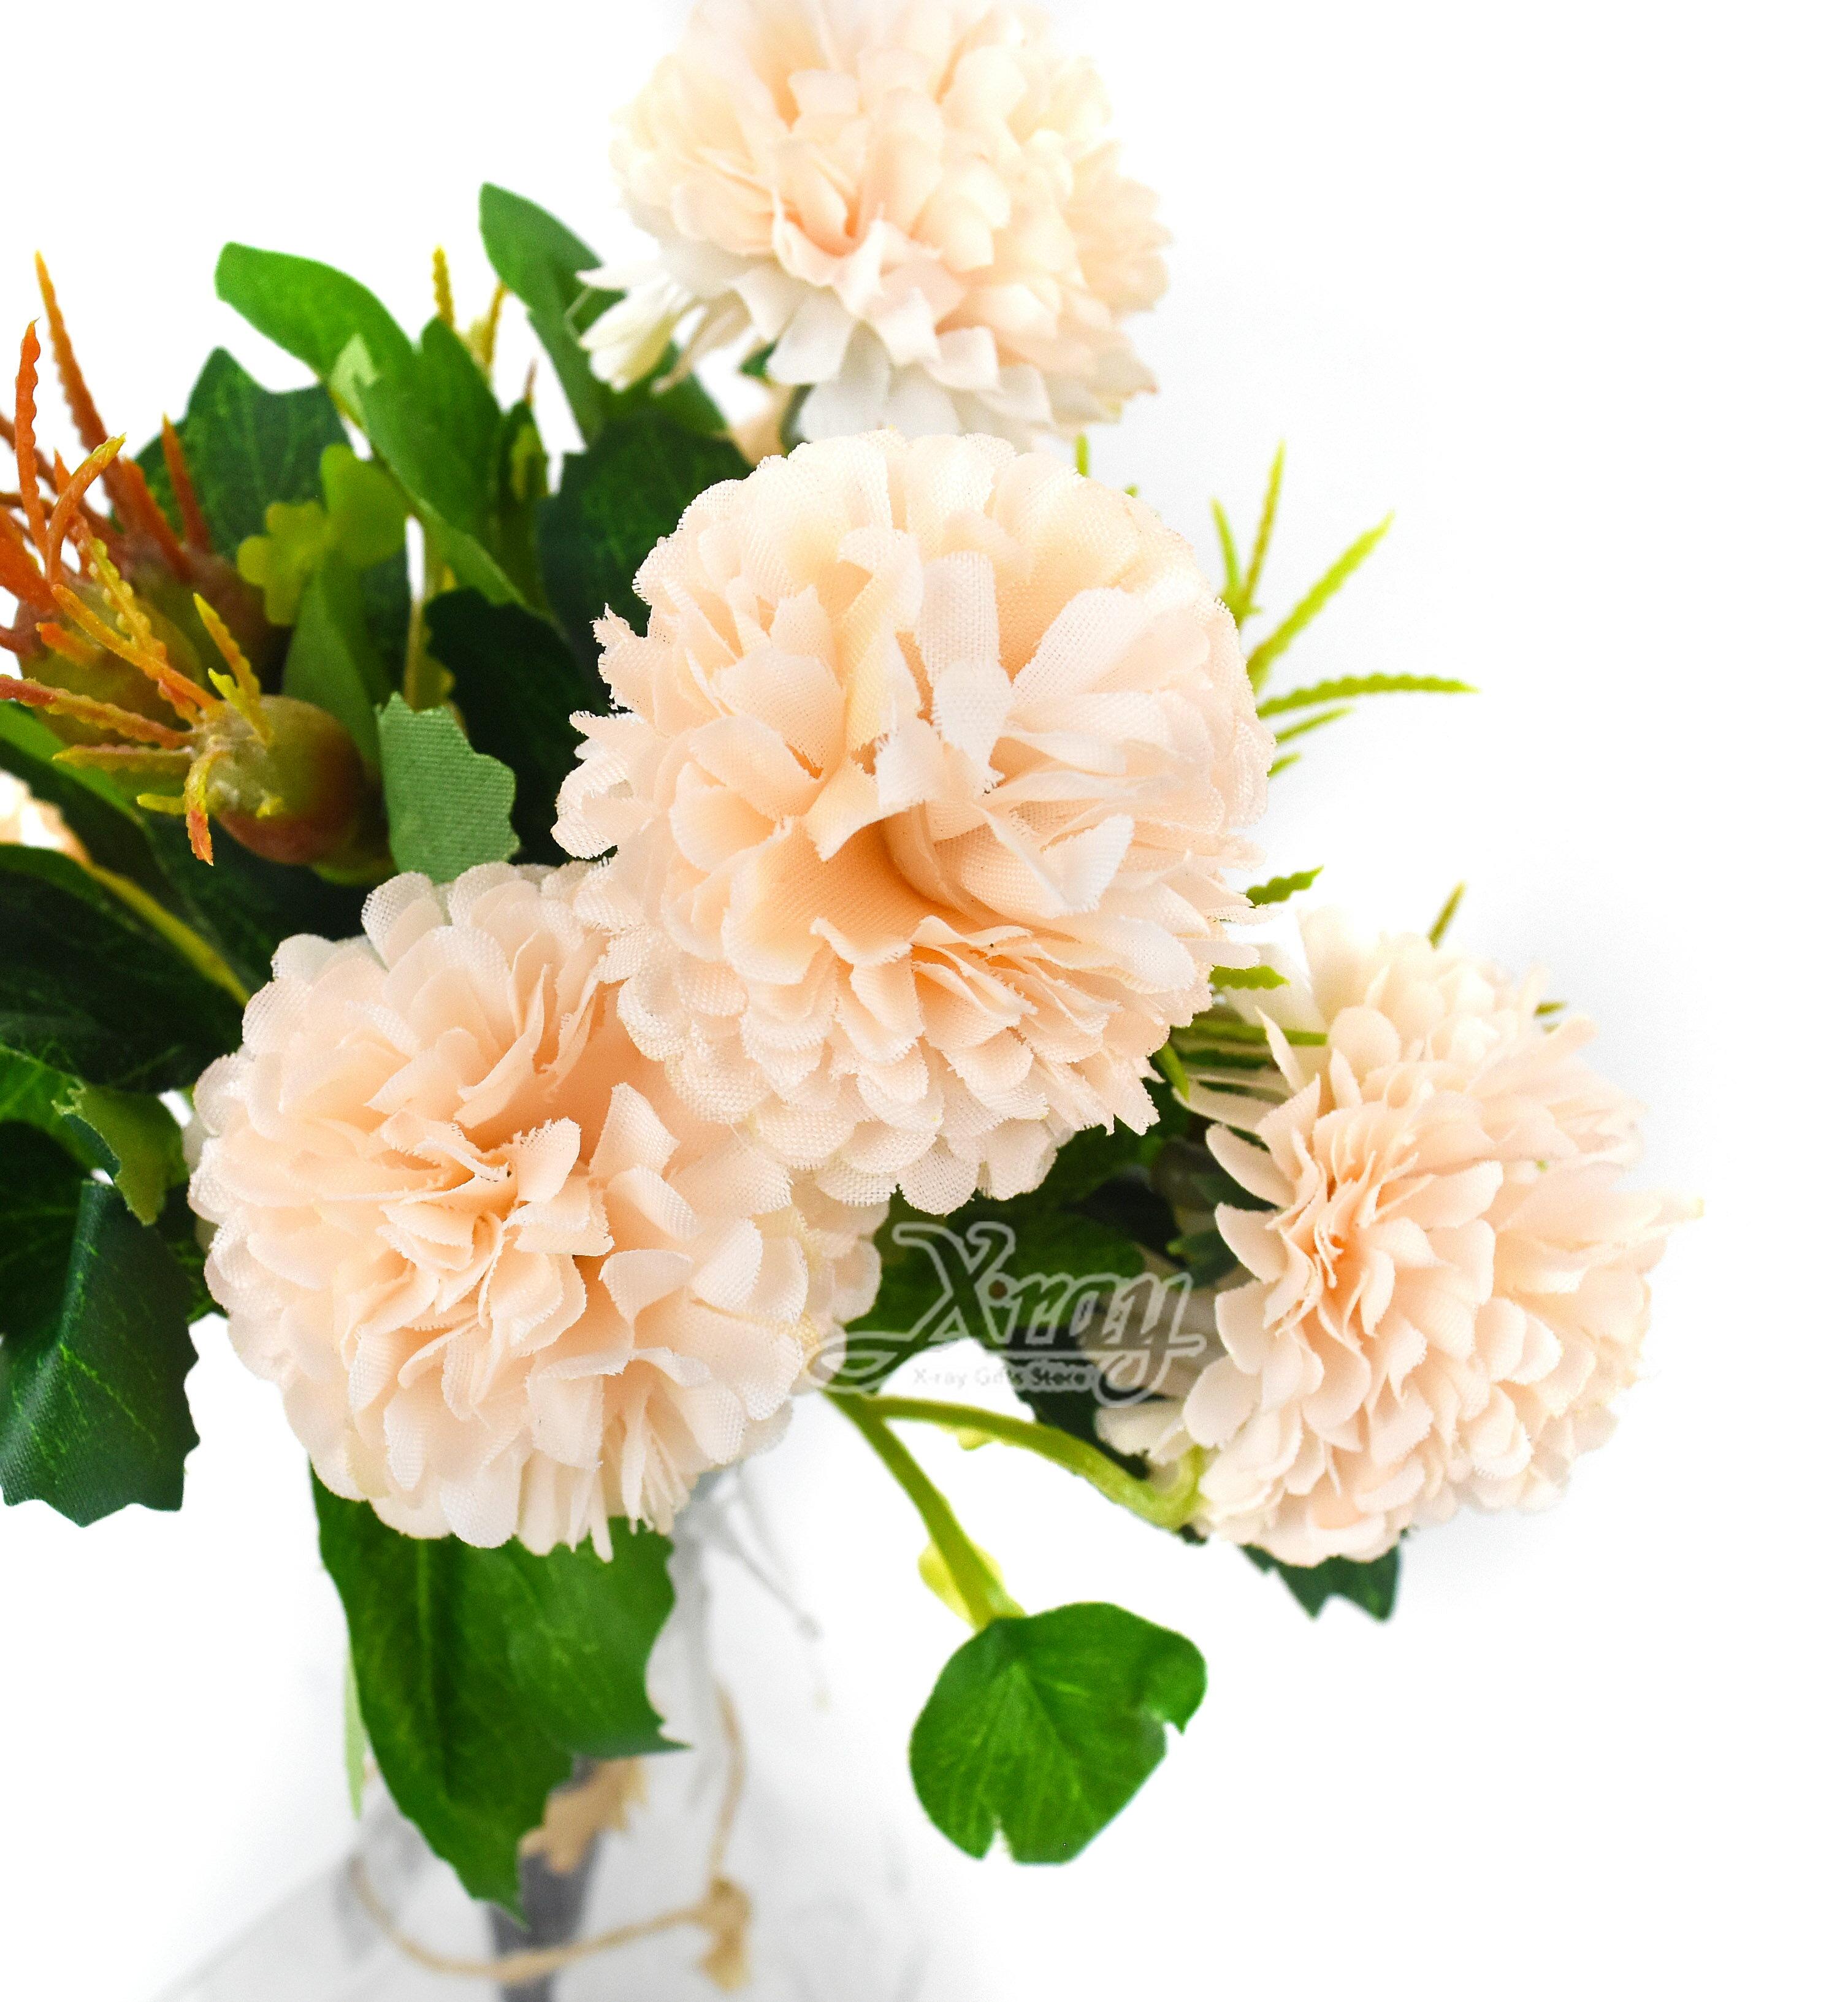 X射線【Y039130】乒乓菊-淺橘,仿真花 人造花  家飾 婚禮小物 佈置 裝飾 幼兒園 送禮  髮飾 活動佈置 花束 花園 陽台